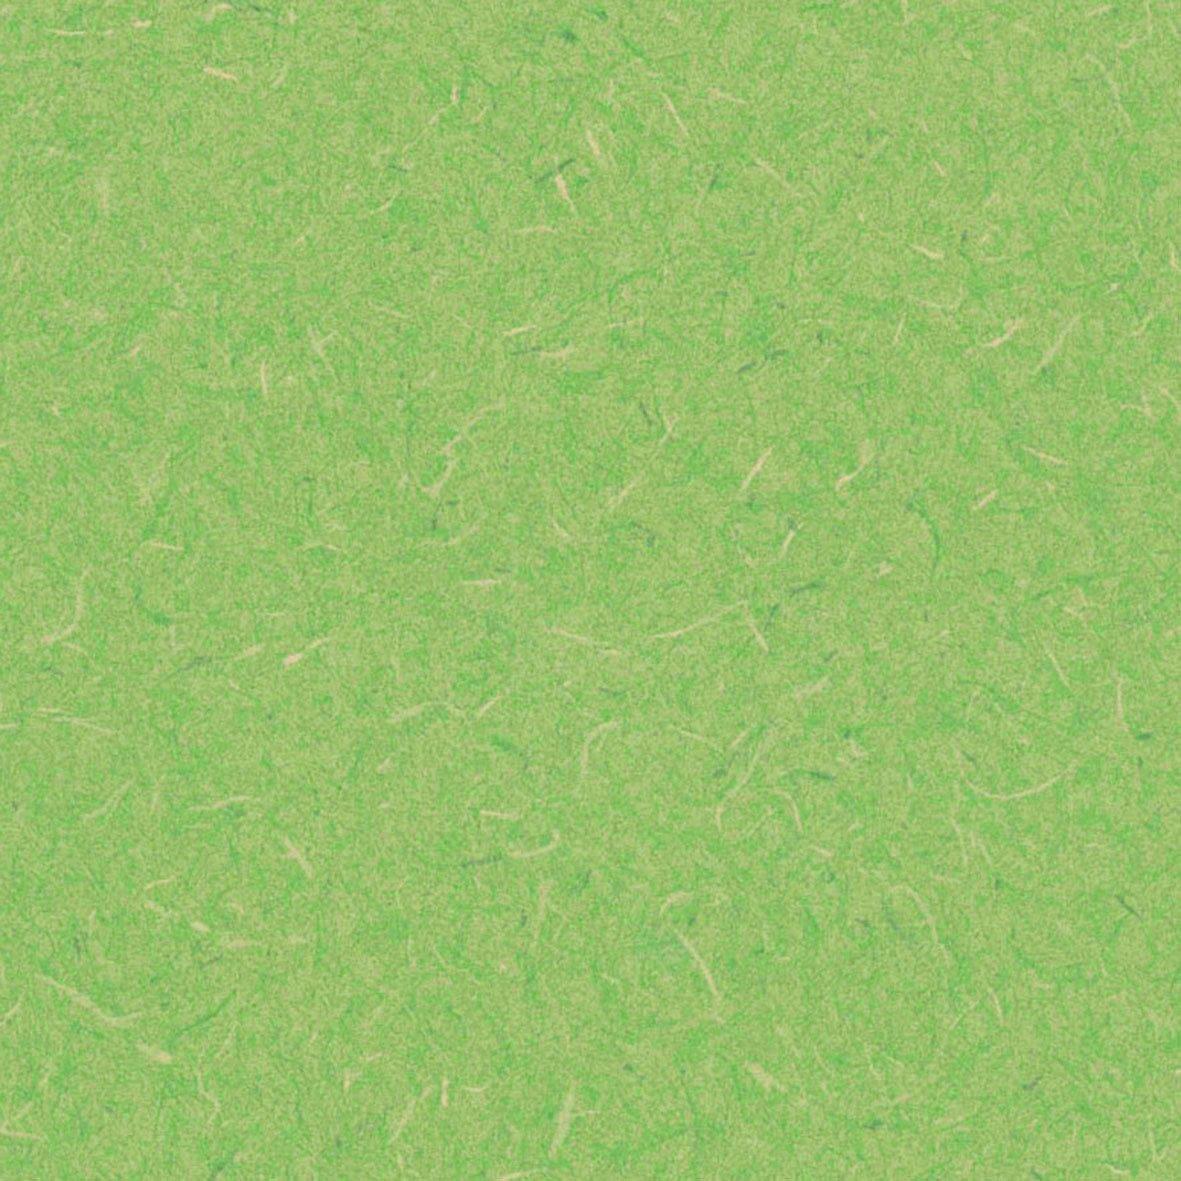 リリカラ 壁紙32m 和 石目調 グリーン LL-8304 B01N3T6DKK 32m|グリーン